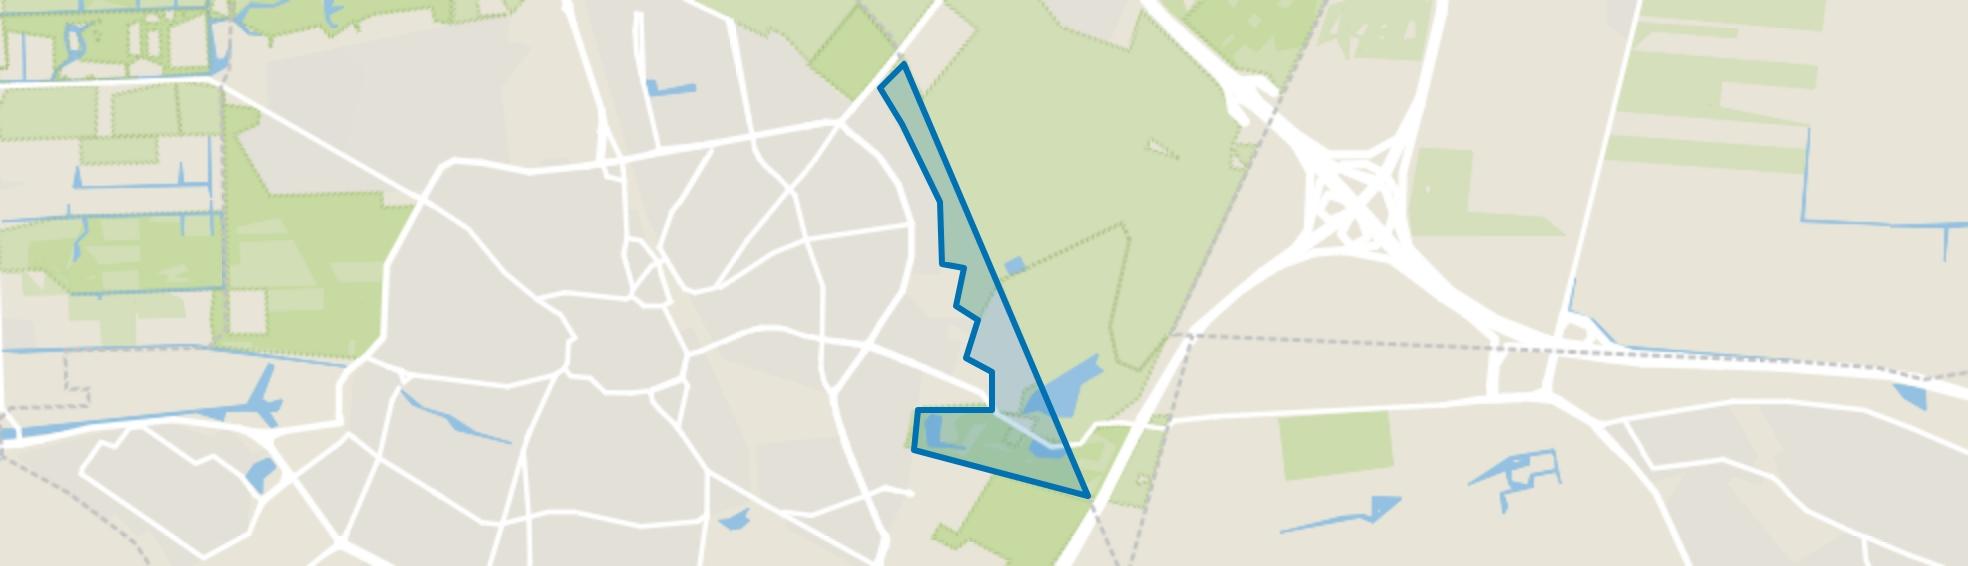 Landelijk Gebied 92, Hilversum map